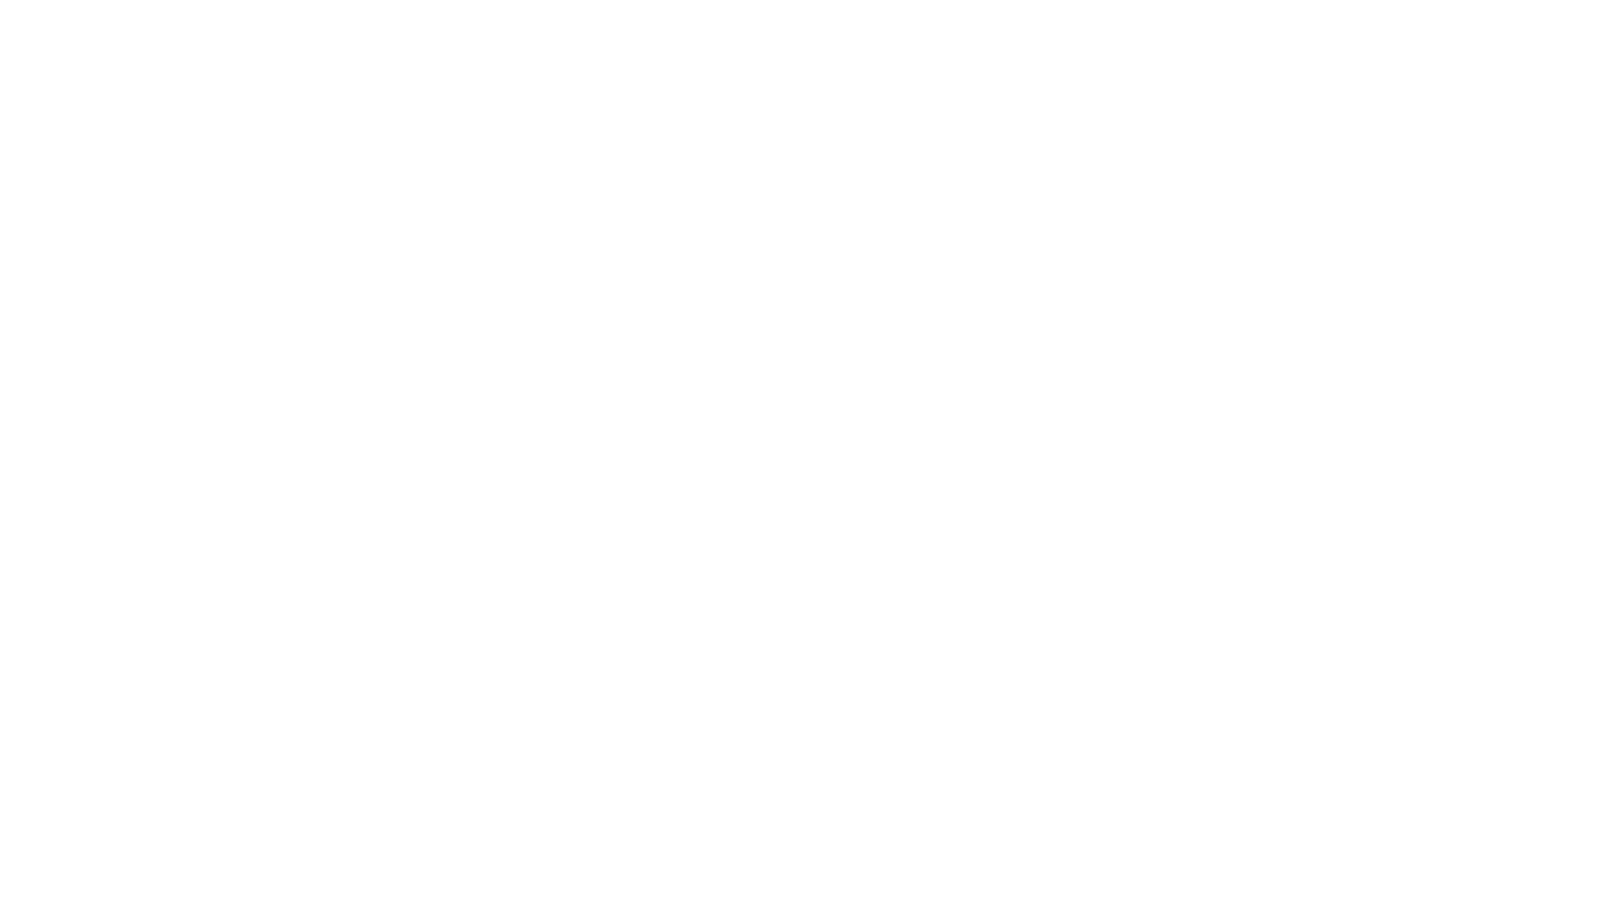 """15 мая 2021 года, на стадионе посёлка Стекольный, сотрудники Дома культуры поселка Стекольный, провели  детскую спортивно-игровую программу посвященную здоровому образу жизни """"Остров здоровья""""    Дети соревновались между собой, делали зарядку, играли в спортивные игры.  Пребывание на свежем воздухе имеет большое значение для физического развития детей, а польза игр не только в том, что ребенок правильно развивается физически, но и  избавляет от тревожности и других негативных эмоций.   Игры приносят радость, дарят много положительных эмоций.  В завершение мероприятия победители получили сладкие призы."""